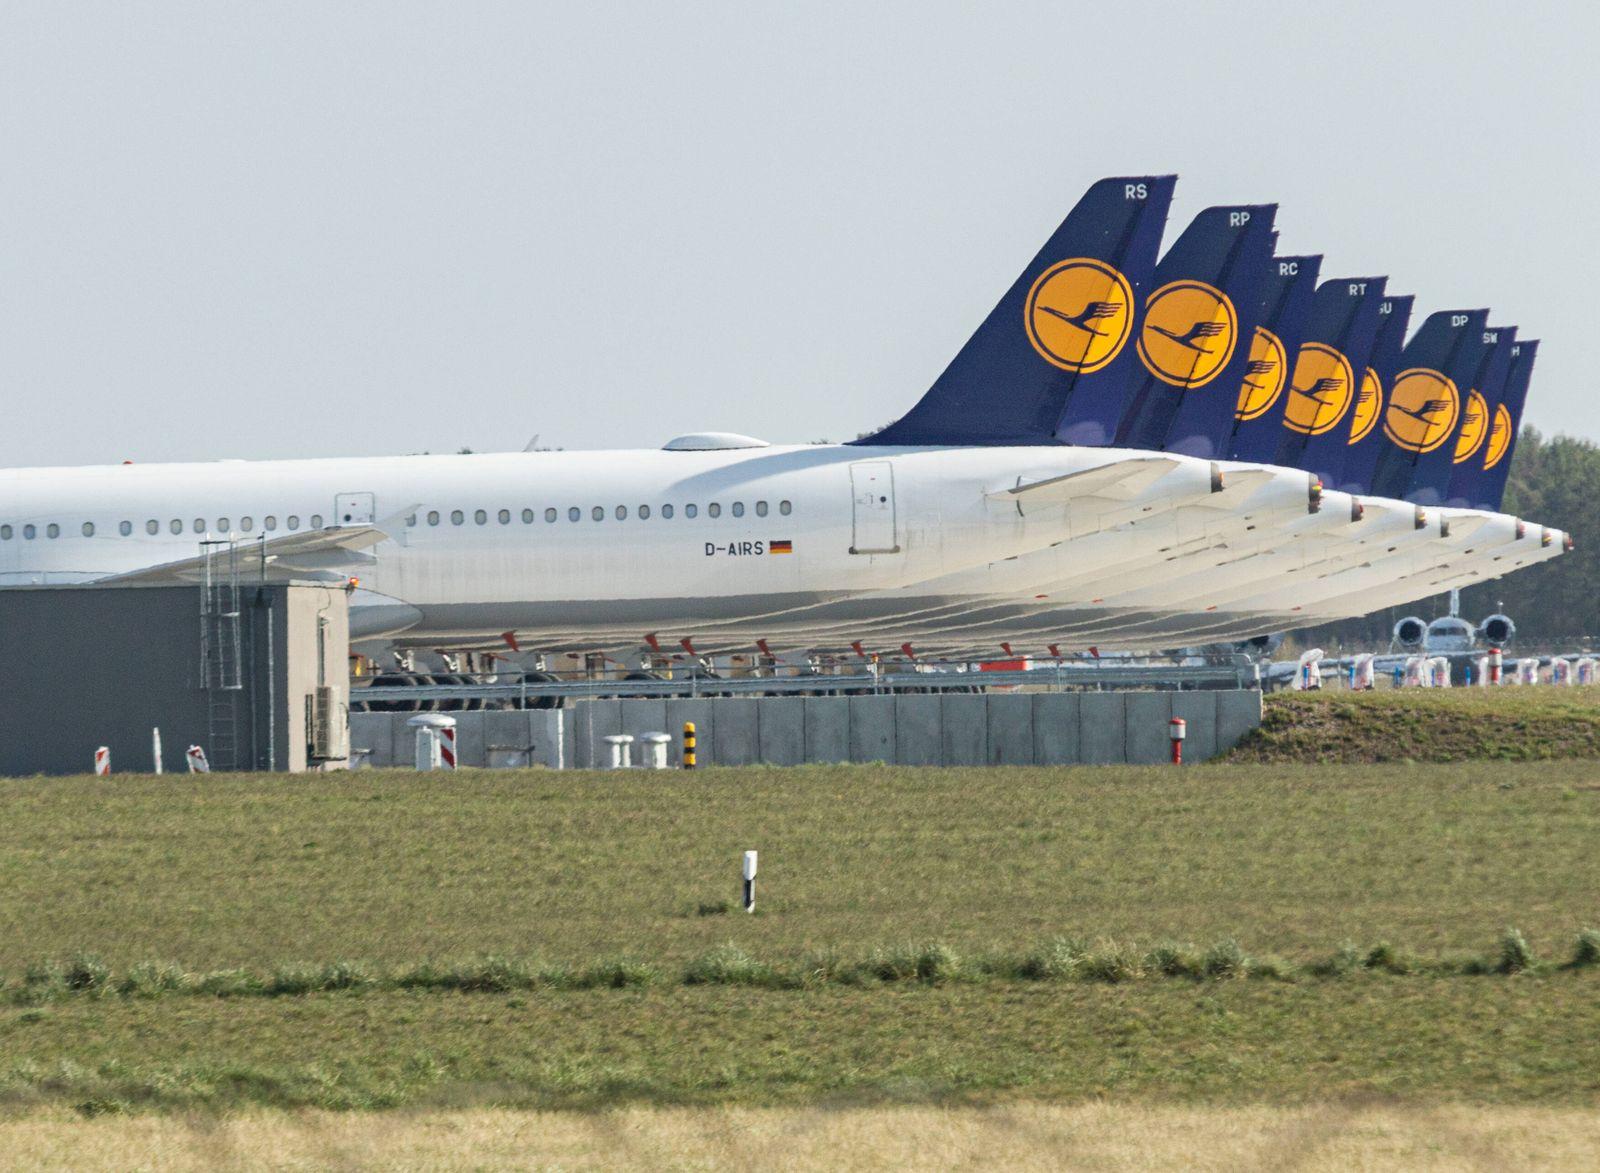 Lufthansa parkt Flugzeuge am BER Flughafen, Durch den Coronavirus ist weltweit die Nachfrage nach Flügen stark gesunken